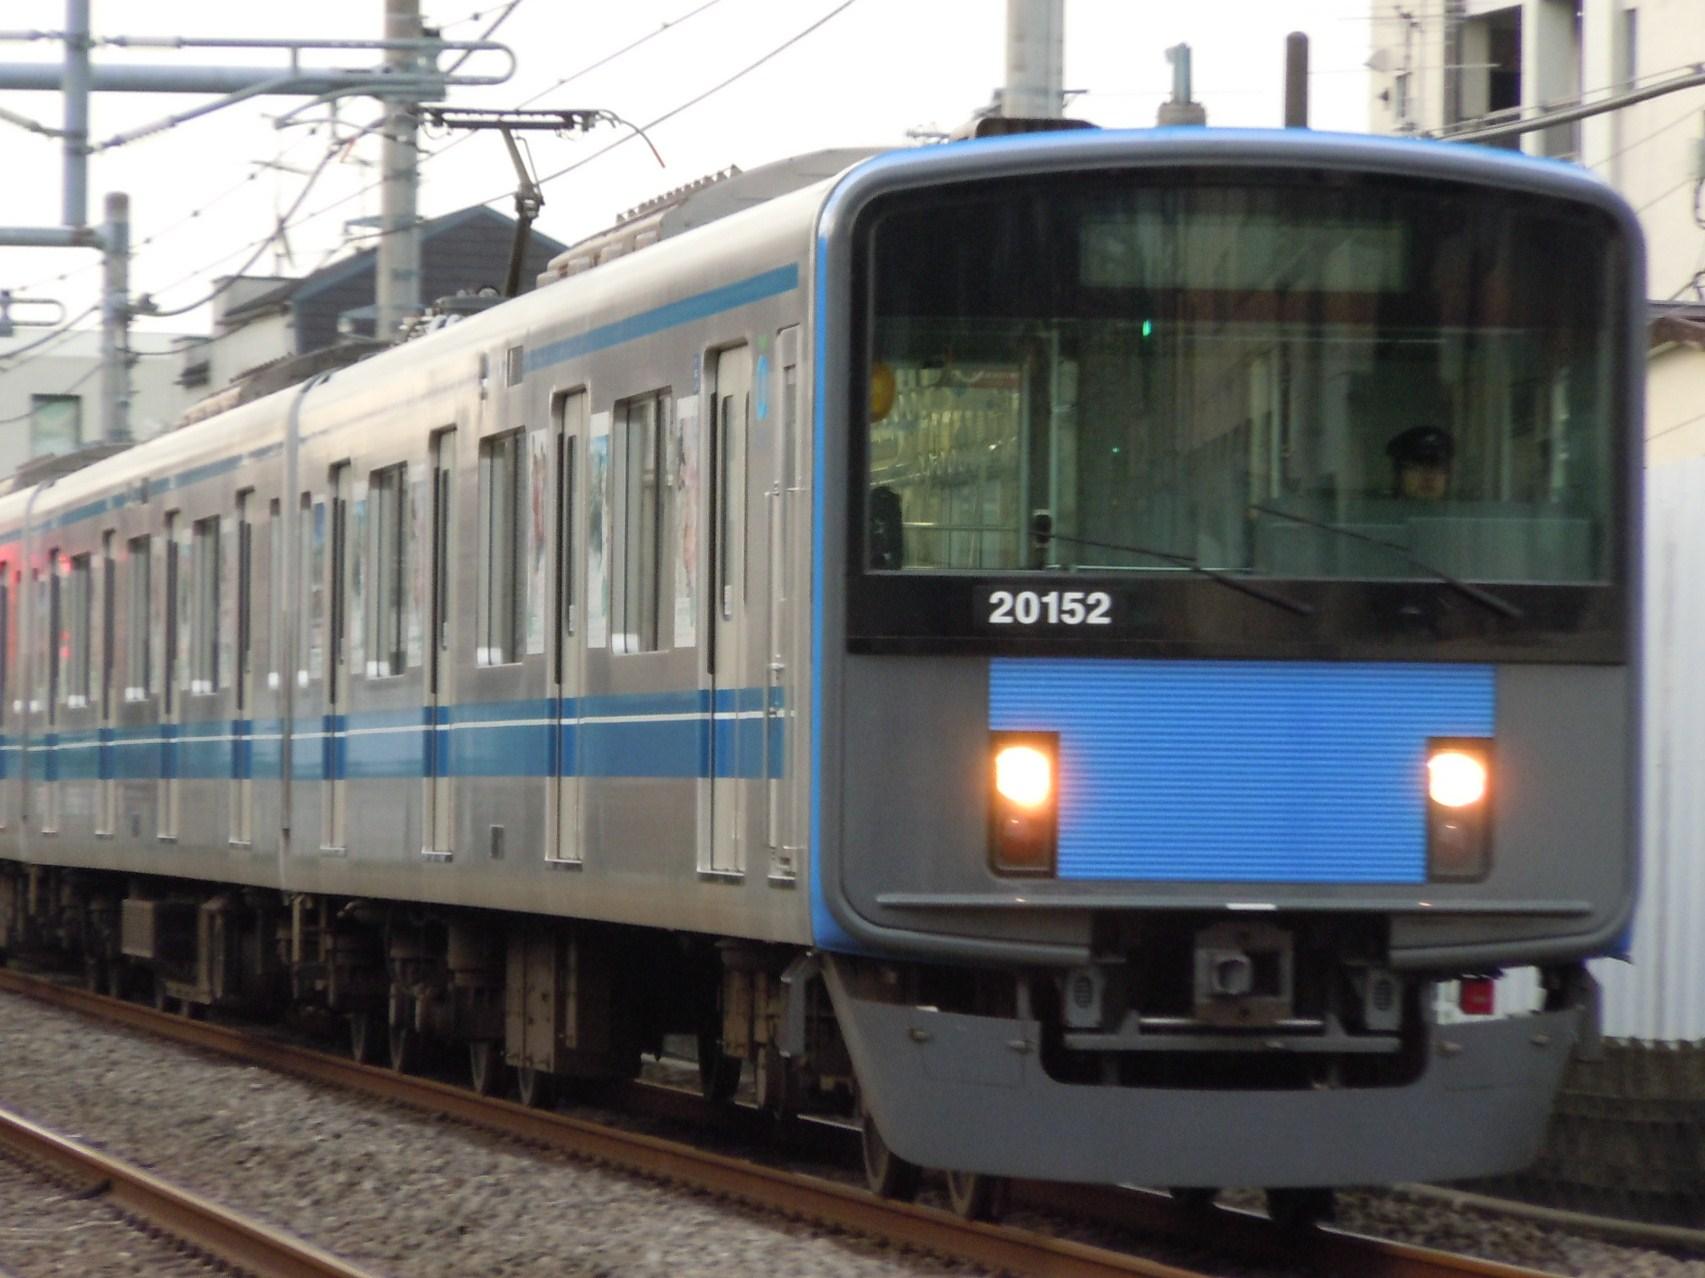 DSCN2990.jpg